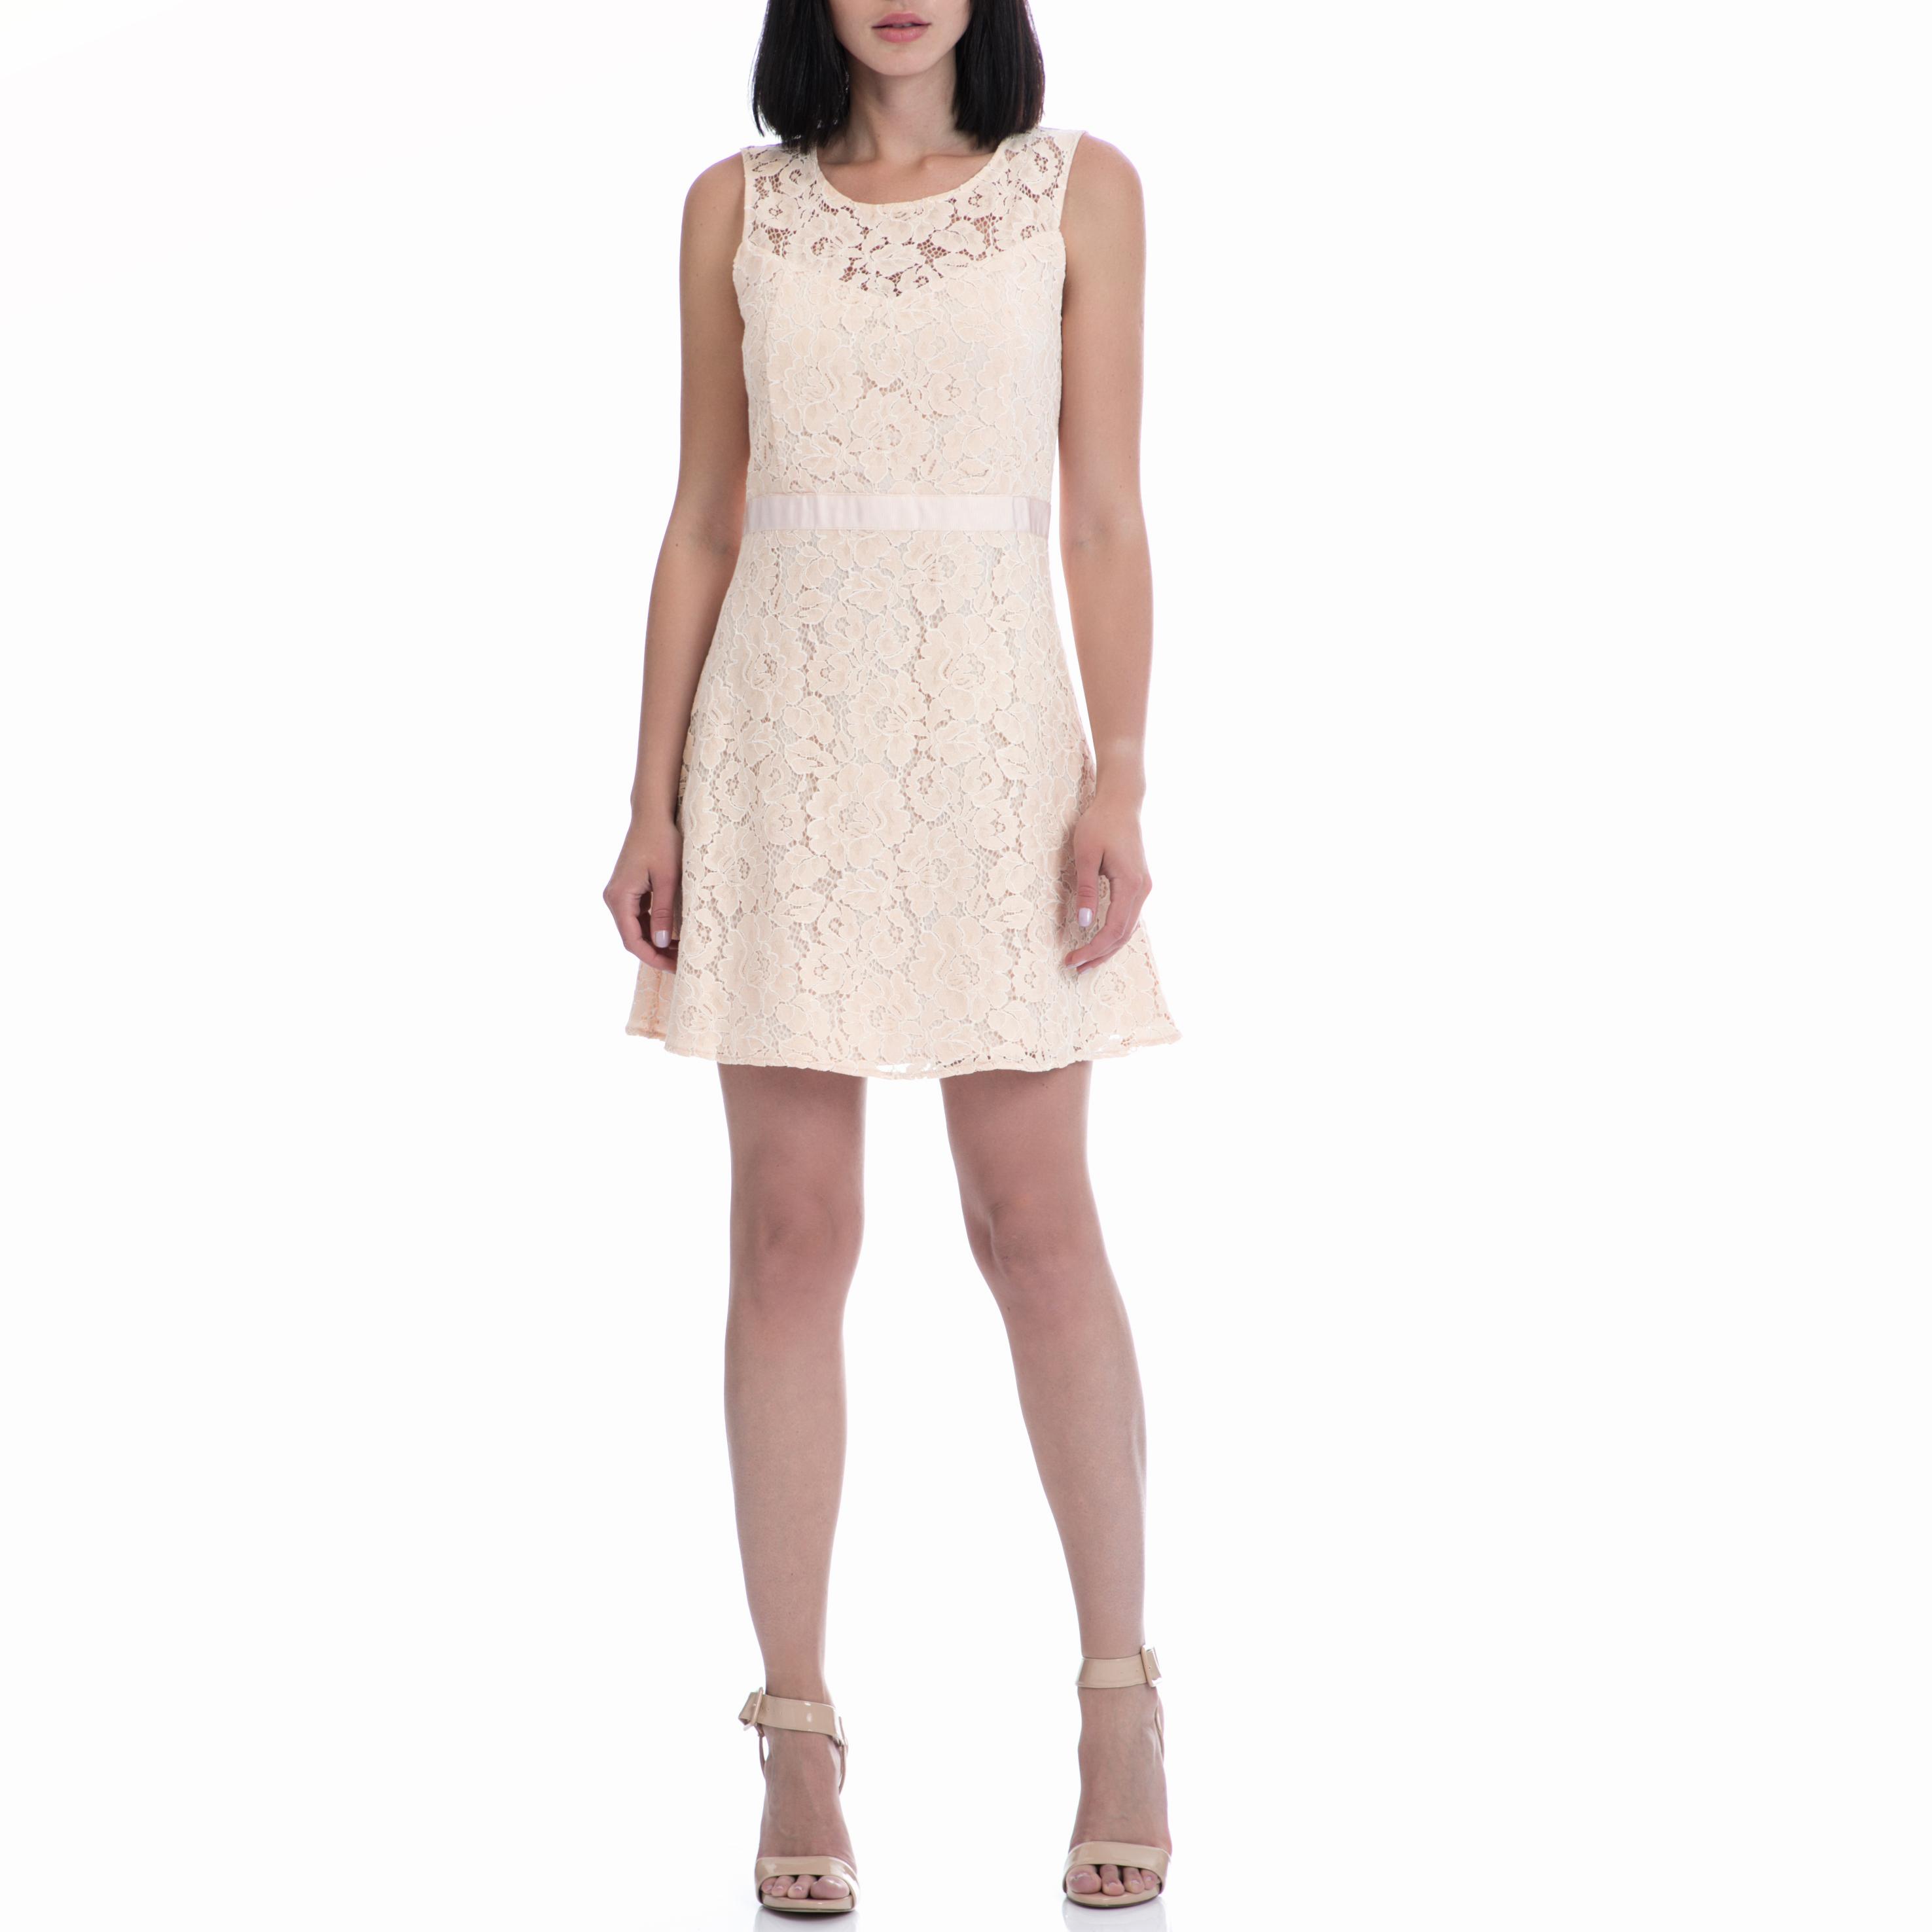 MOTIVI - Φόρεμα MOTIVI μπεζ γυναικεία ρούχα φορέματα μίνι